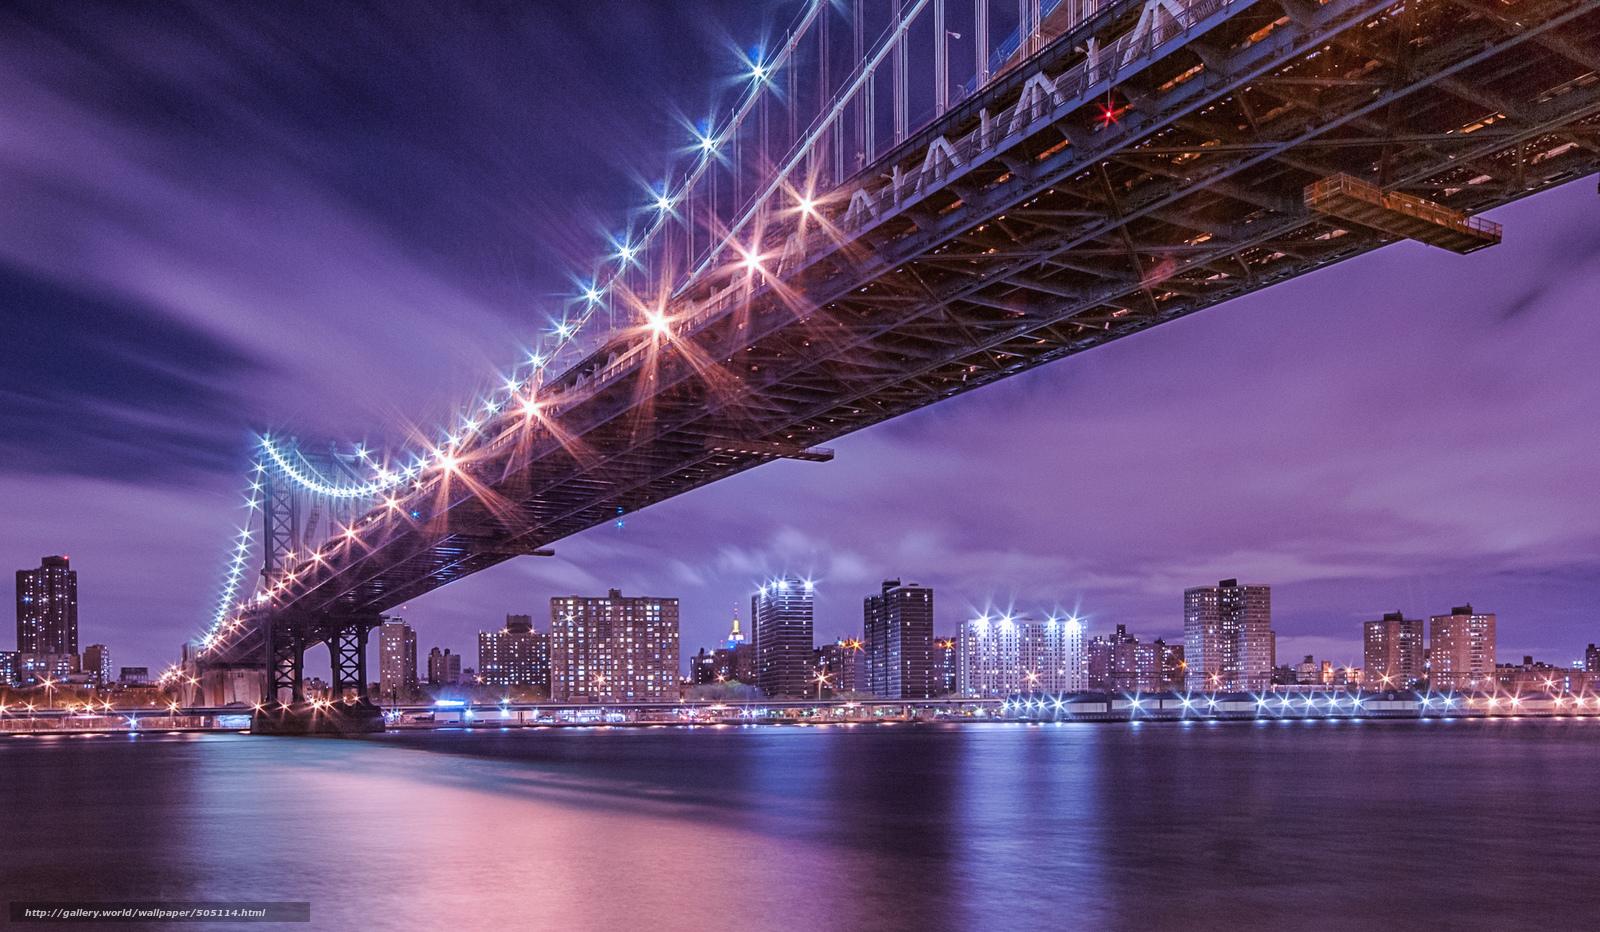 tlcharger fond d 39 ecran new york nuit rivire pont fonds d 39 ecran gratuits pour votre rsolution. Black Bedroom Furniture Sets. Home Design Ideas